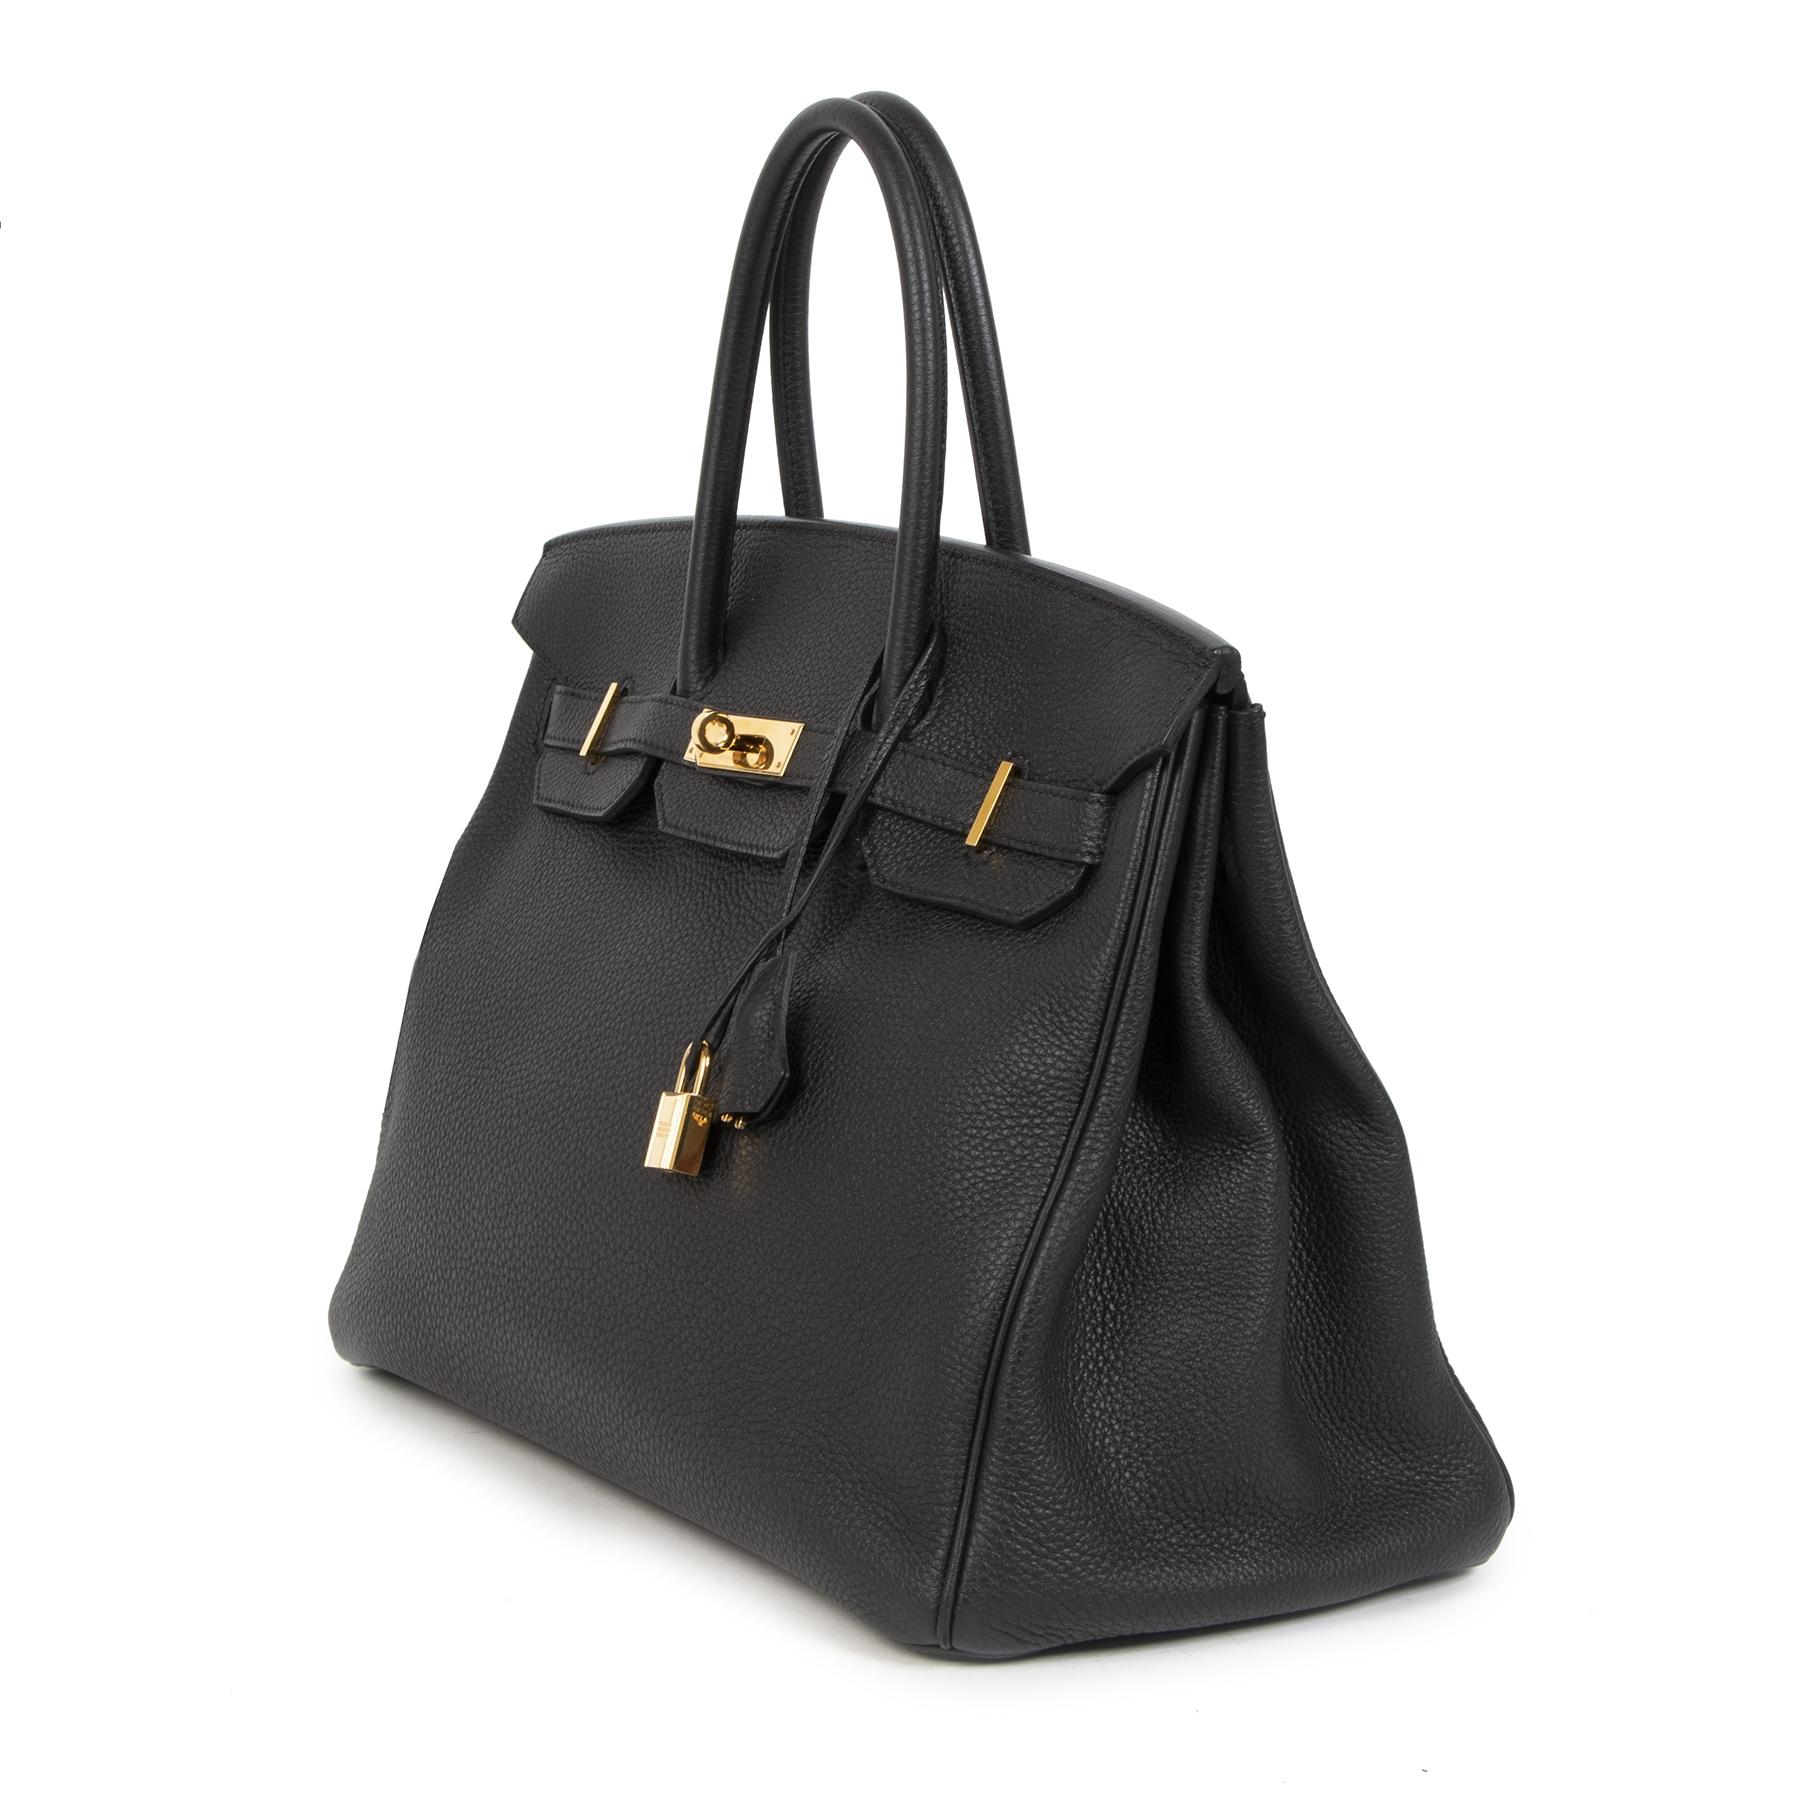 koop veilig online jou tweedehands As New Hermes Birkin 35 Black Togo GHW